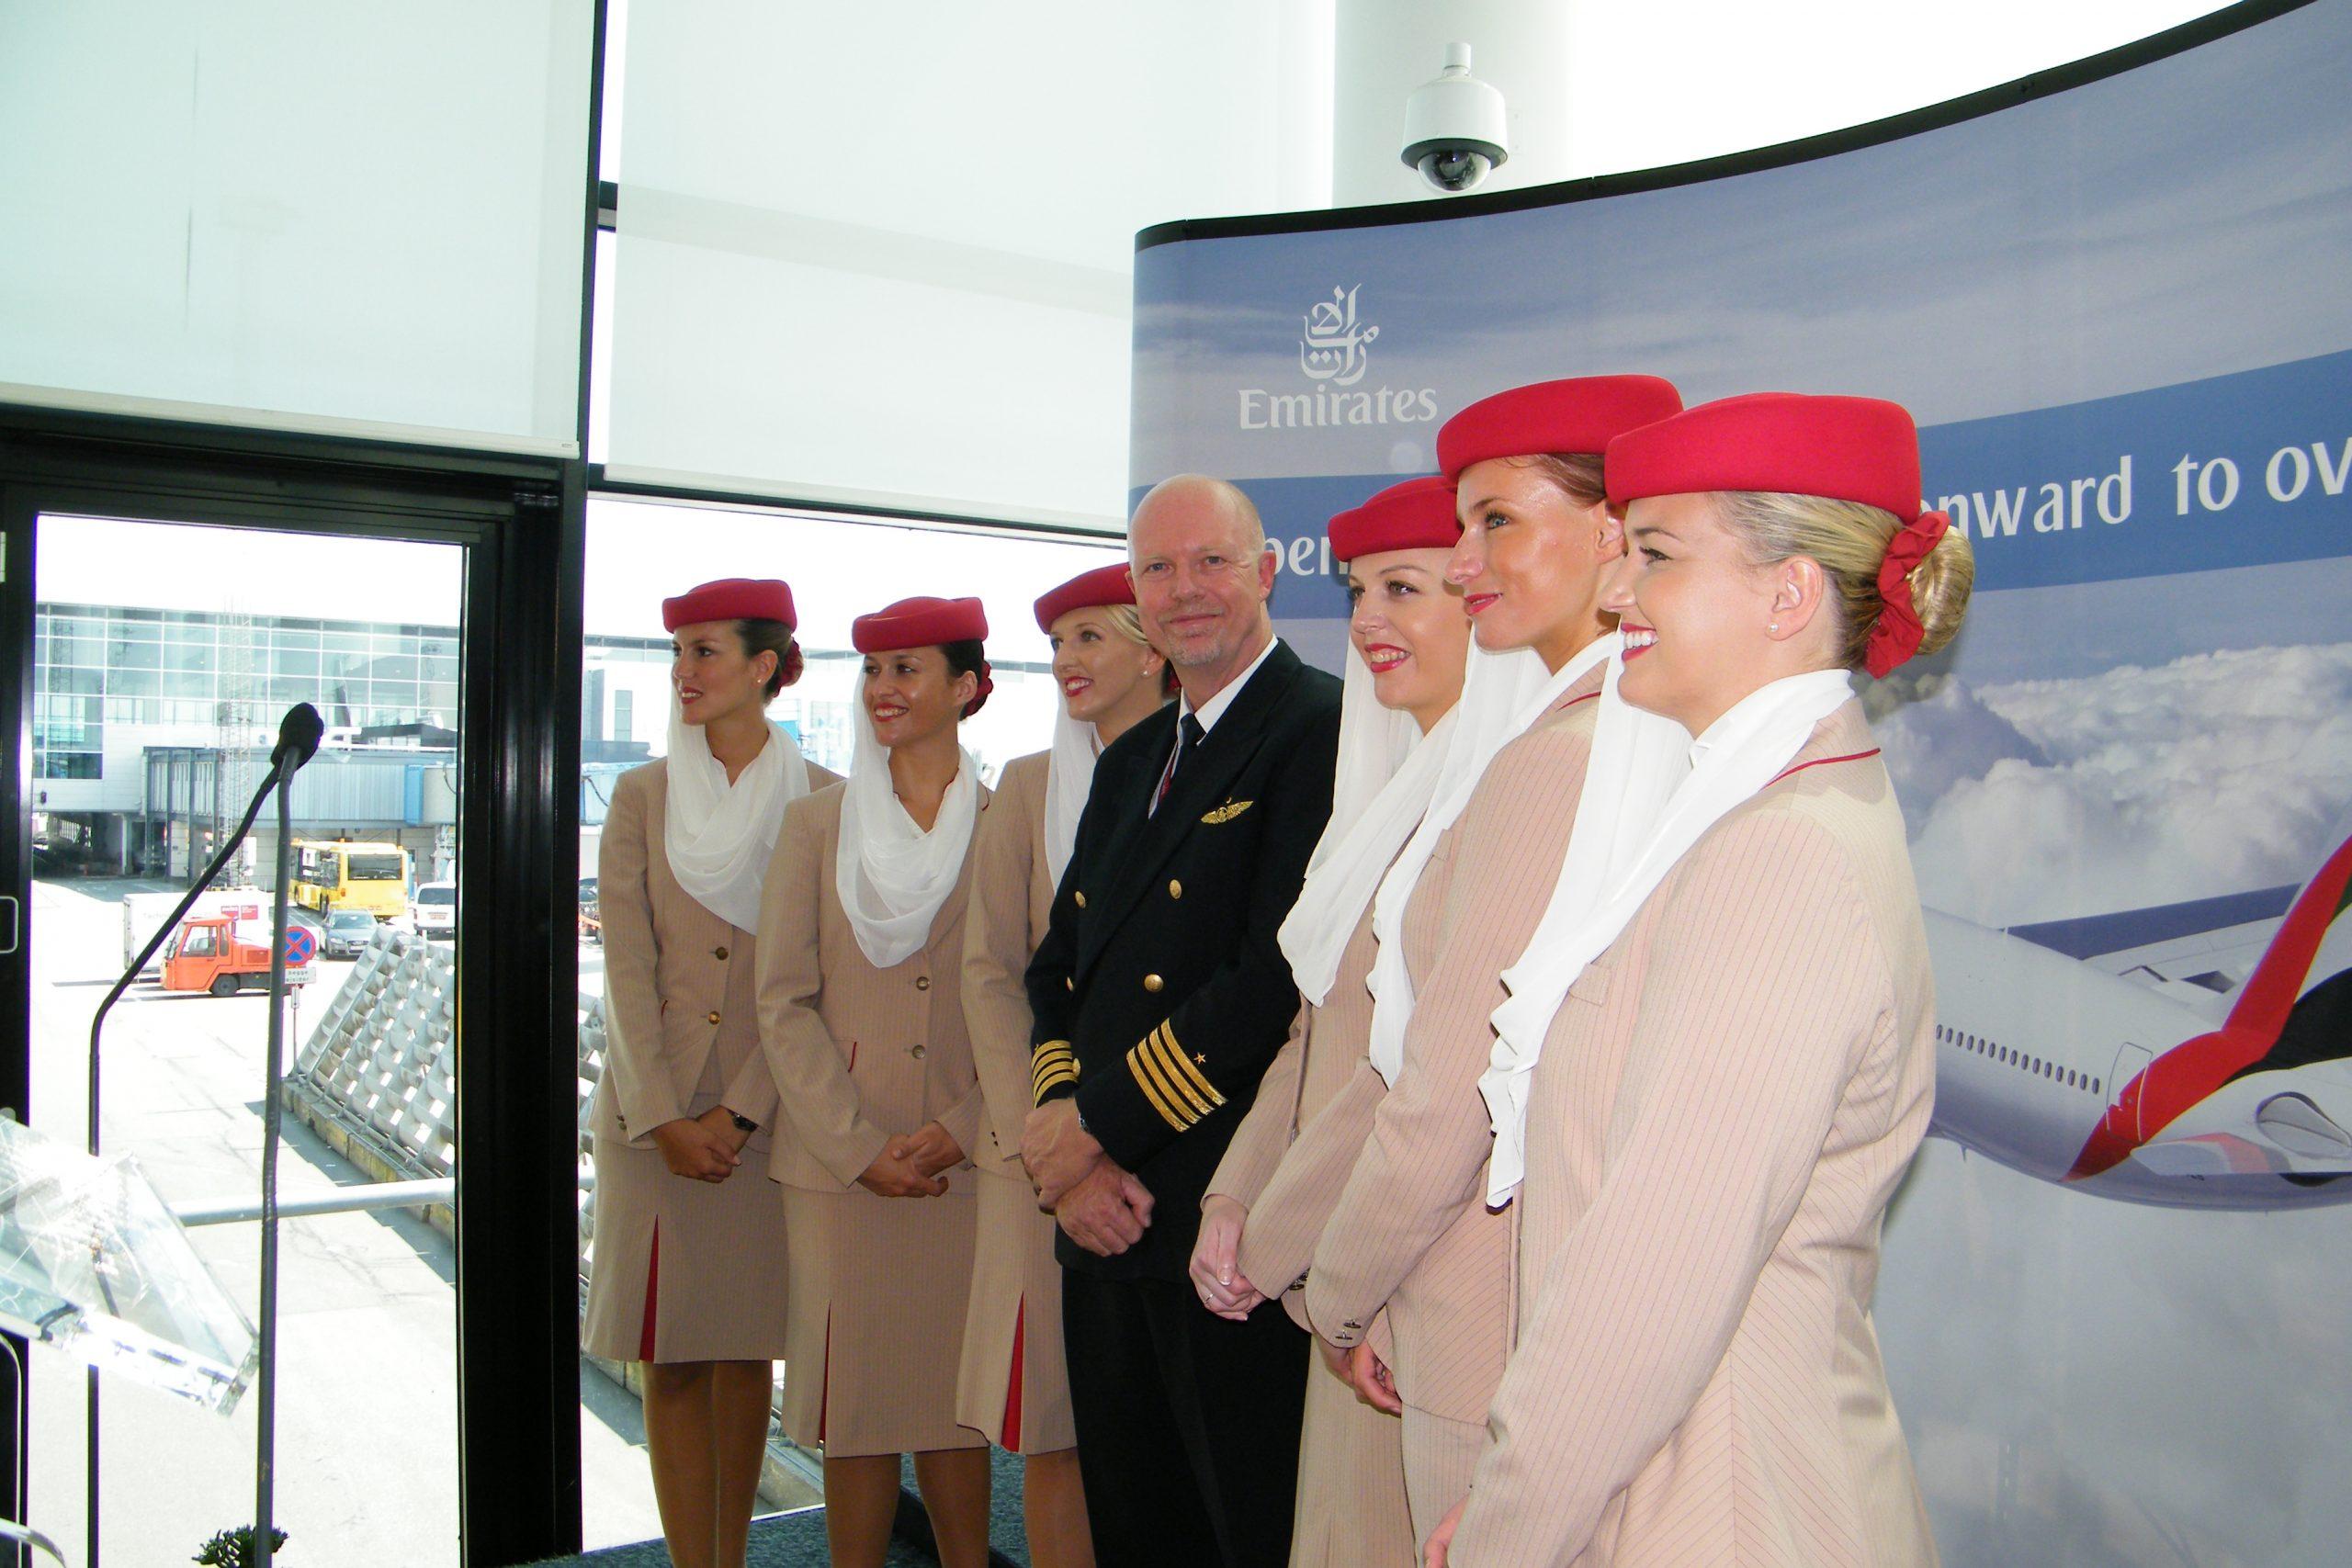 Kaptajn Lars Schoyen og sit team ved åbningen af ruten fra Dubai til København den 1. august 2011. (Foto: Henrik Baumgarten)